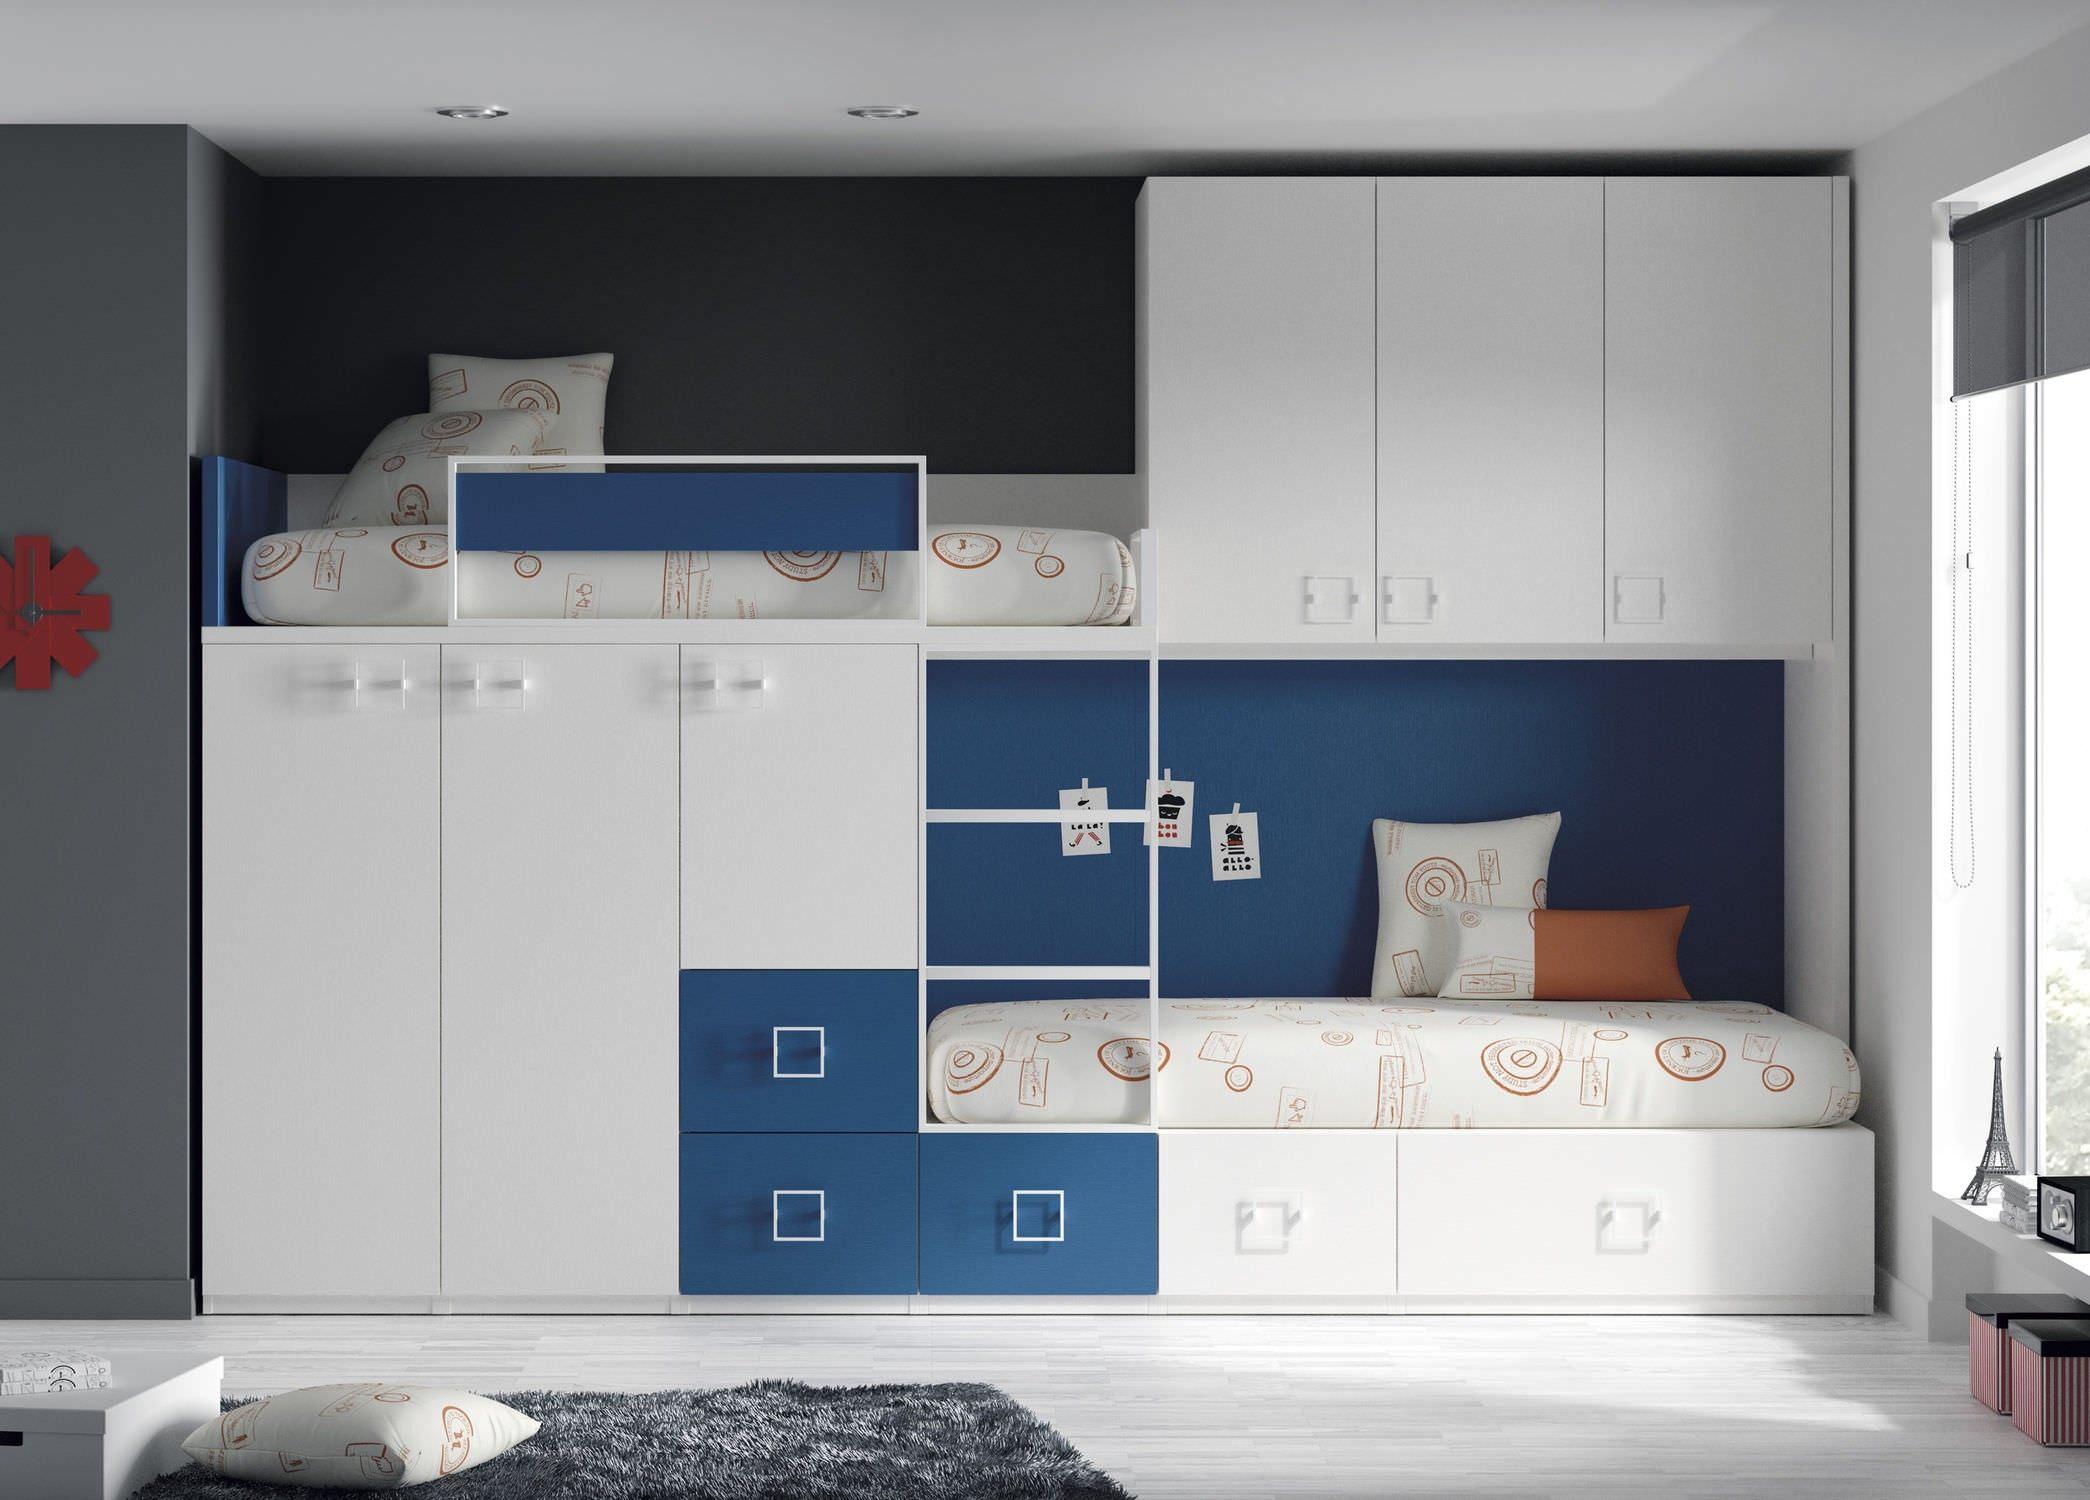 Lit Combiné Bureau Ikea Élégant Décoratif Lit Biné Armoire Bureau Sur Lit Biné Armoire Fresh Lit